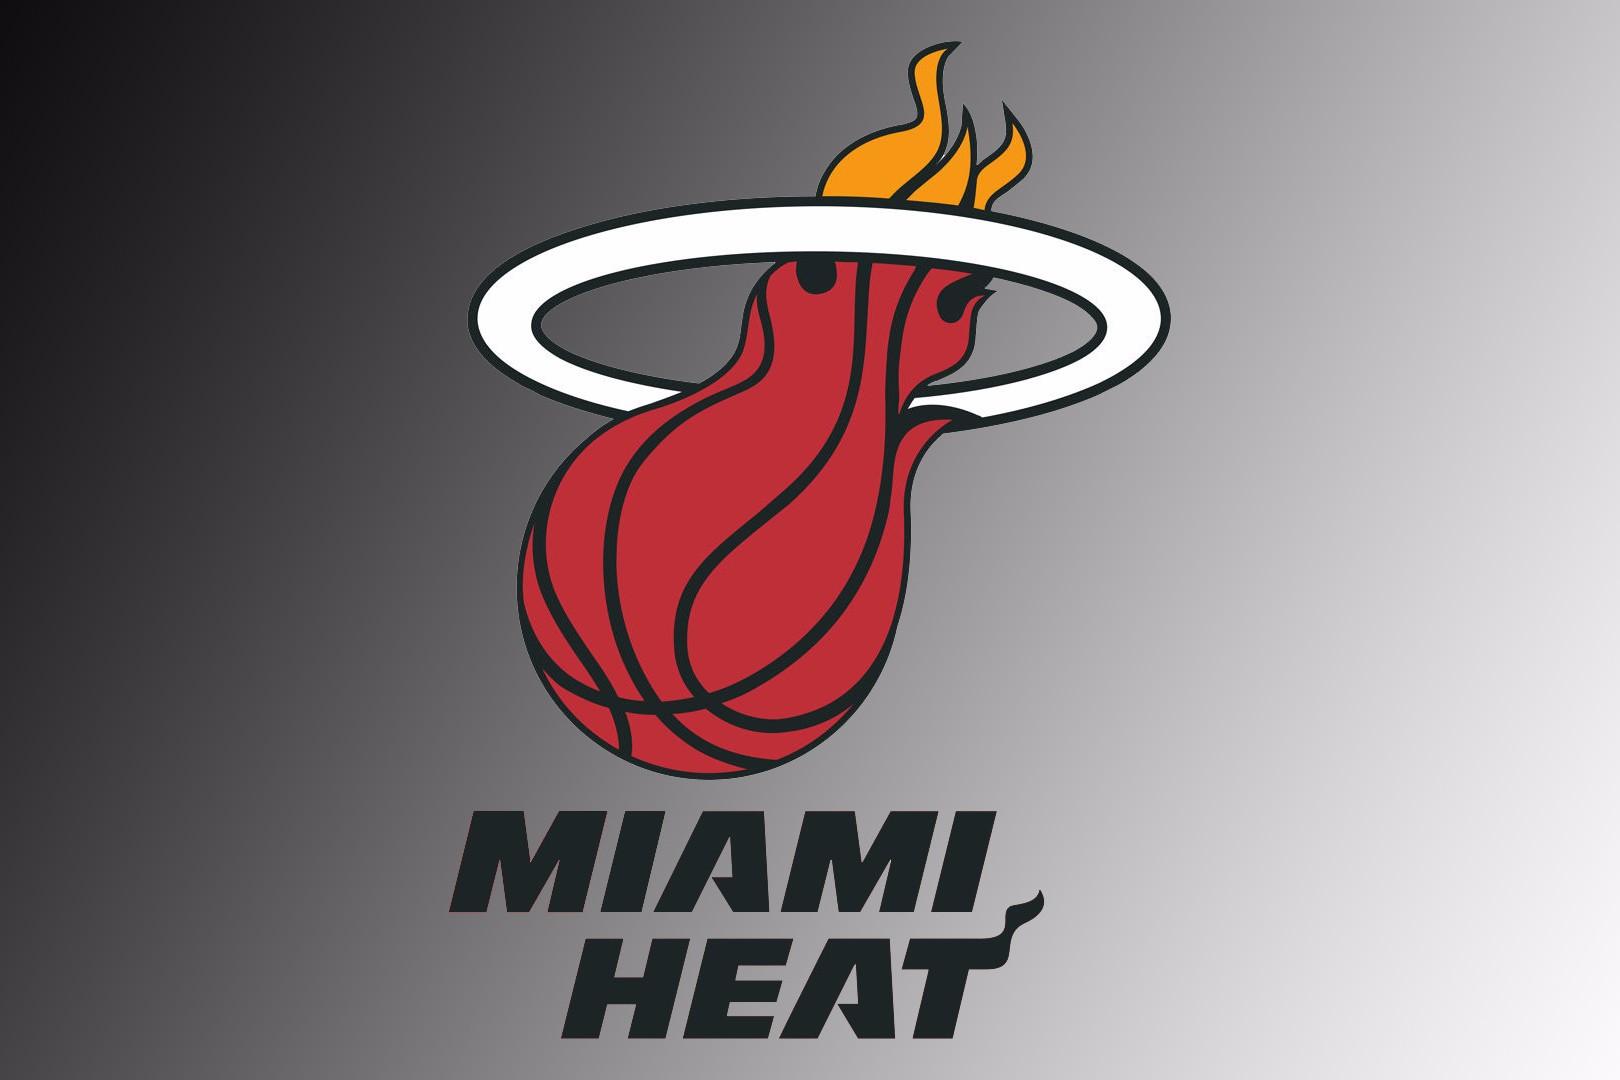 Miami Heat v Hornets - NBA